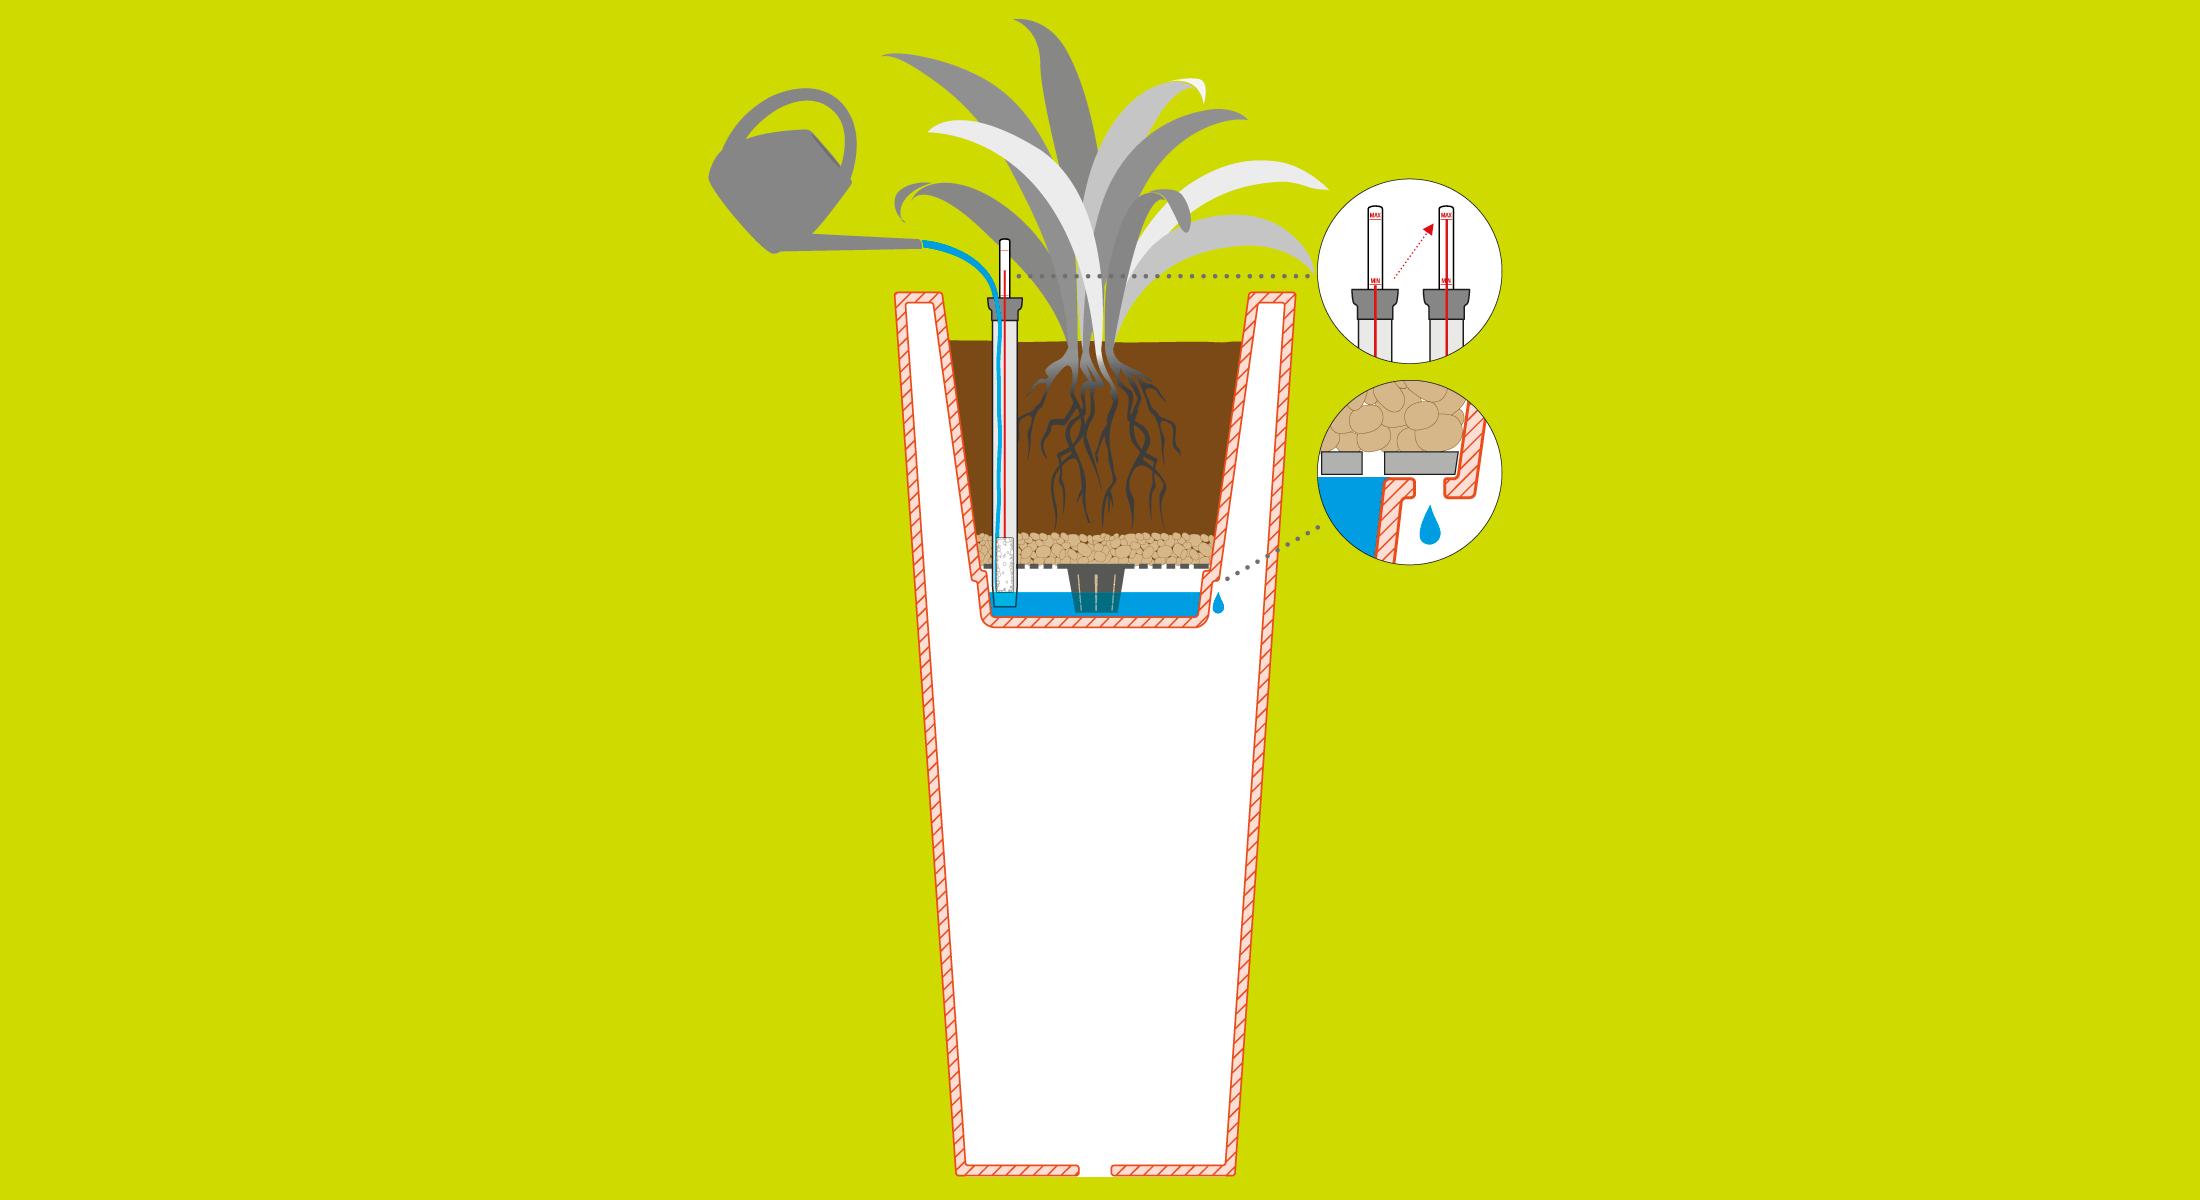 Pot cutaway diagrams